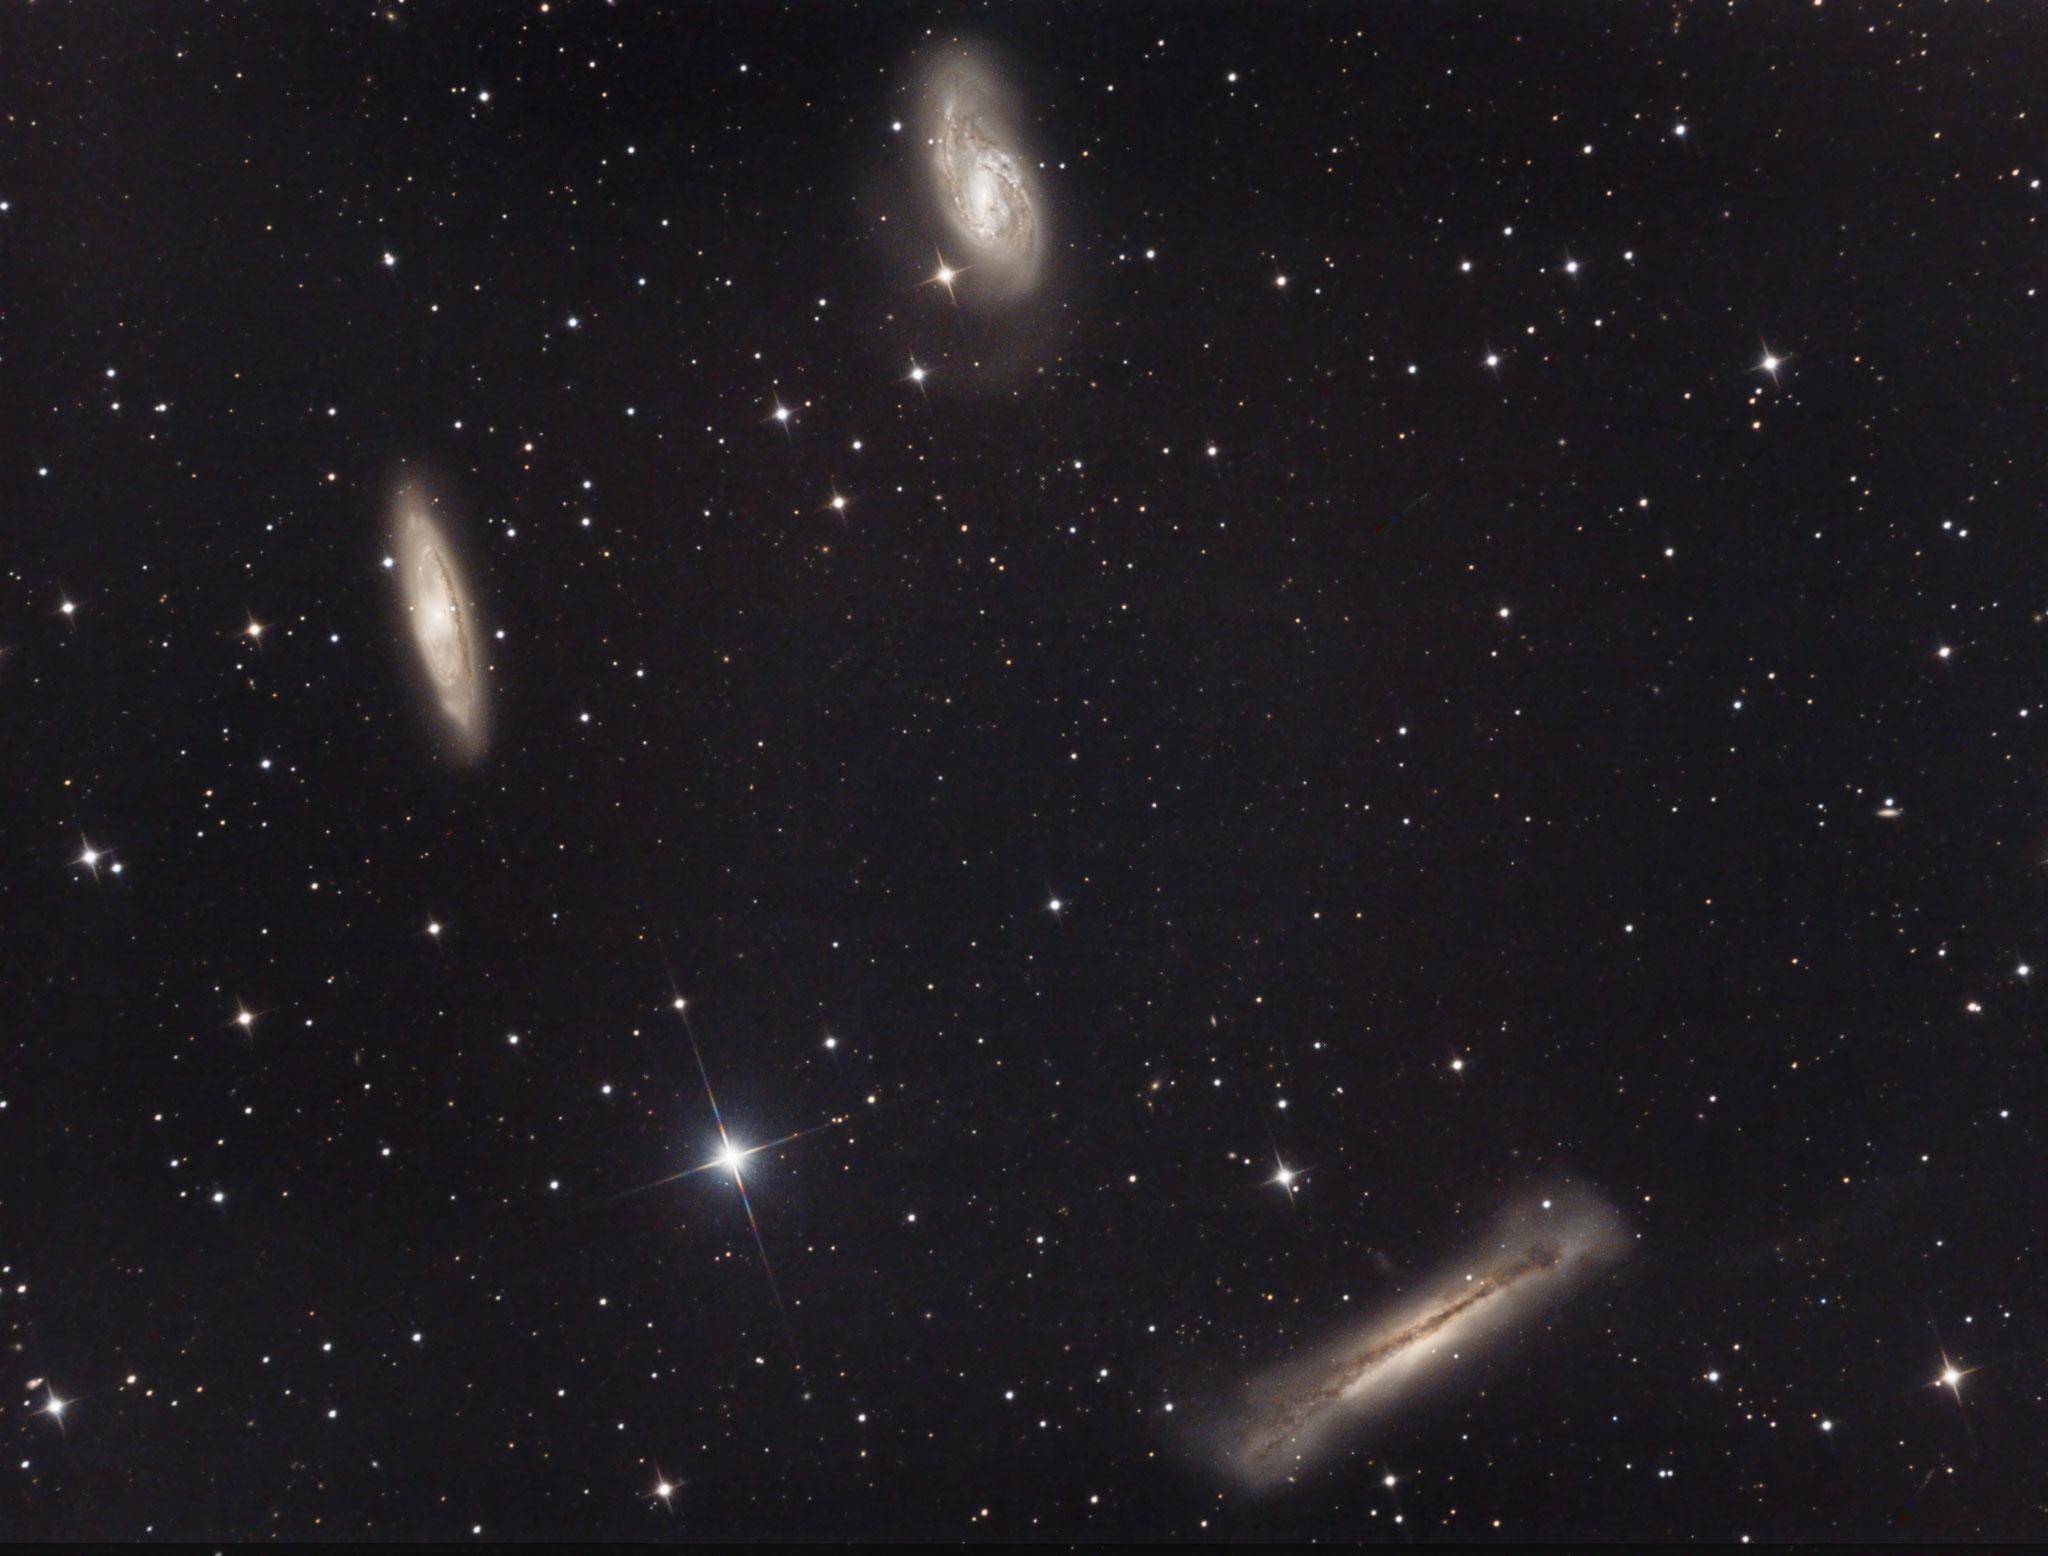 le Triplet du Lion, M65 (gauche), M66 (haut), NGC3628 droite en bas, février 2017, Fabien